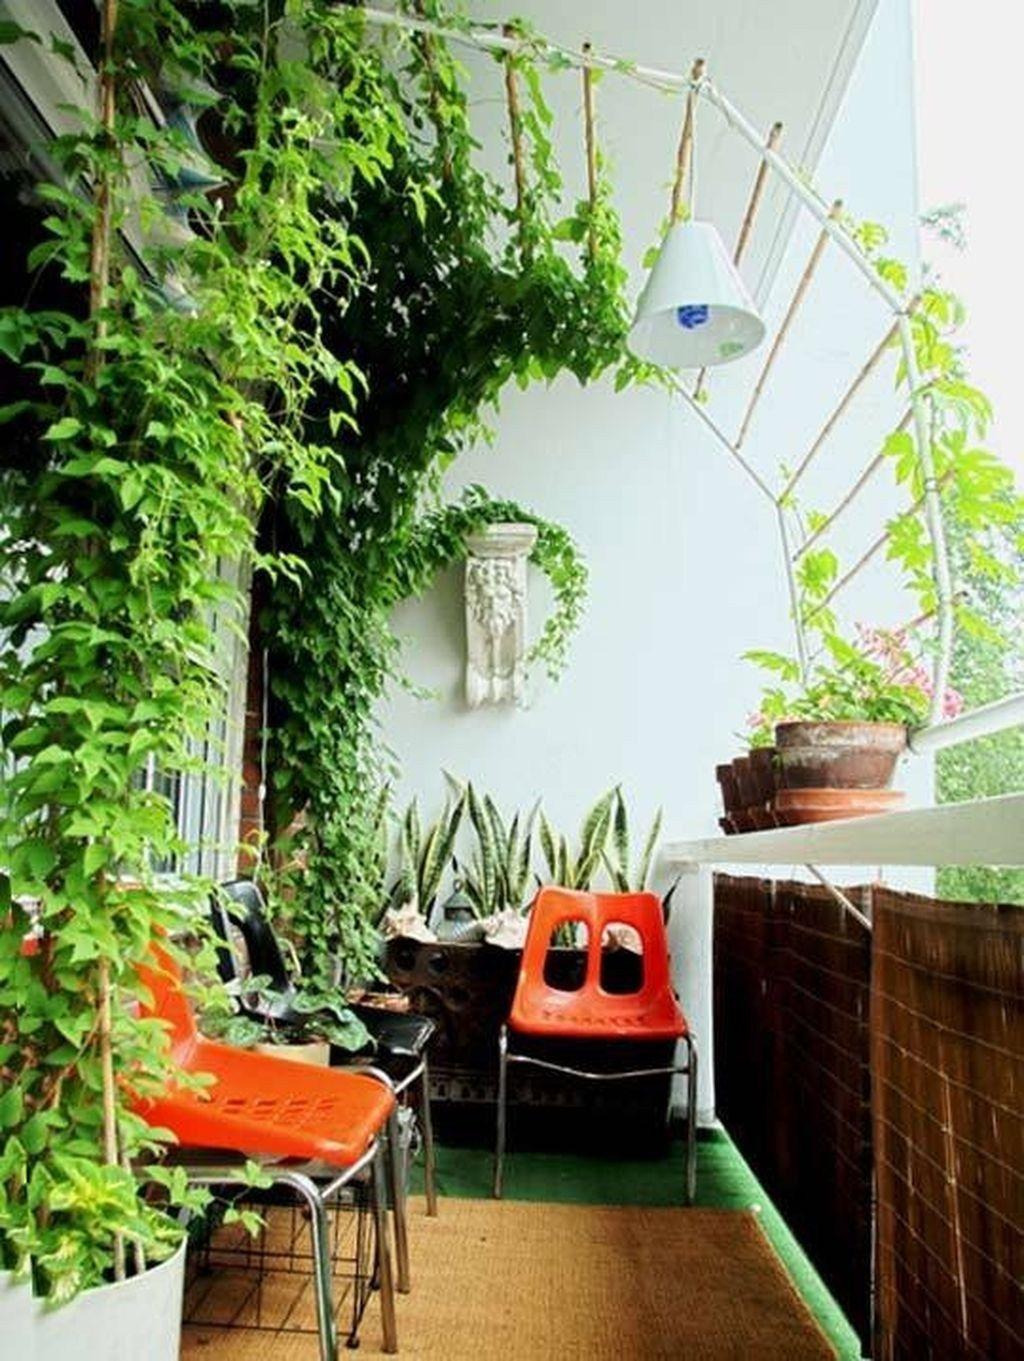 Creative Diy Small Apartment Balcony Garden Ideas 46 Apartment